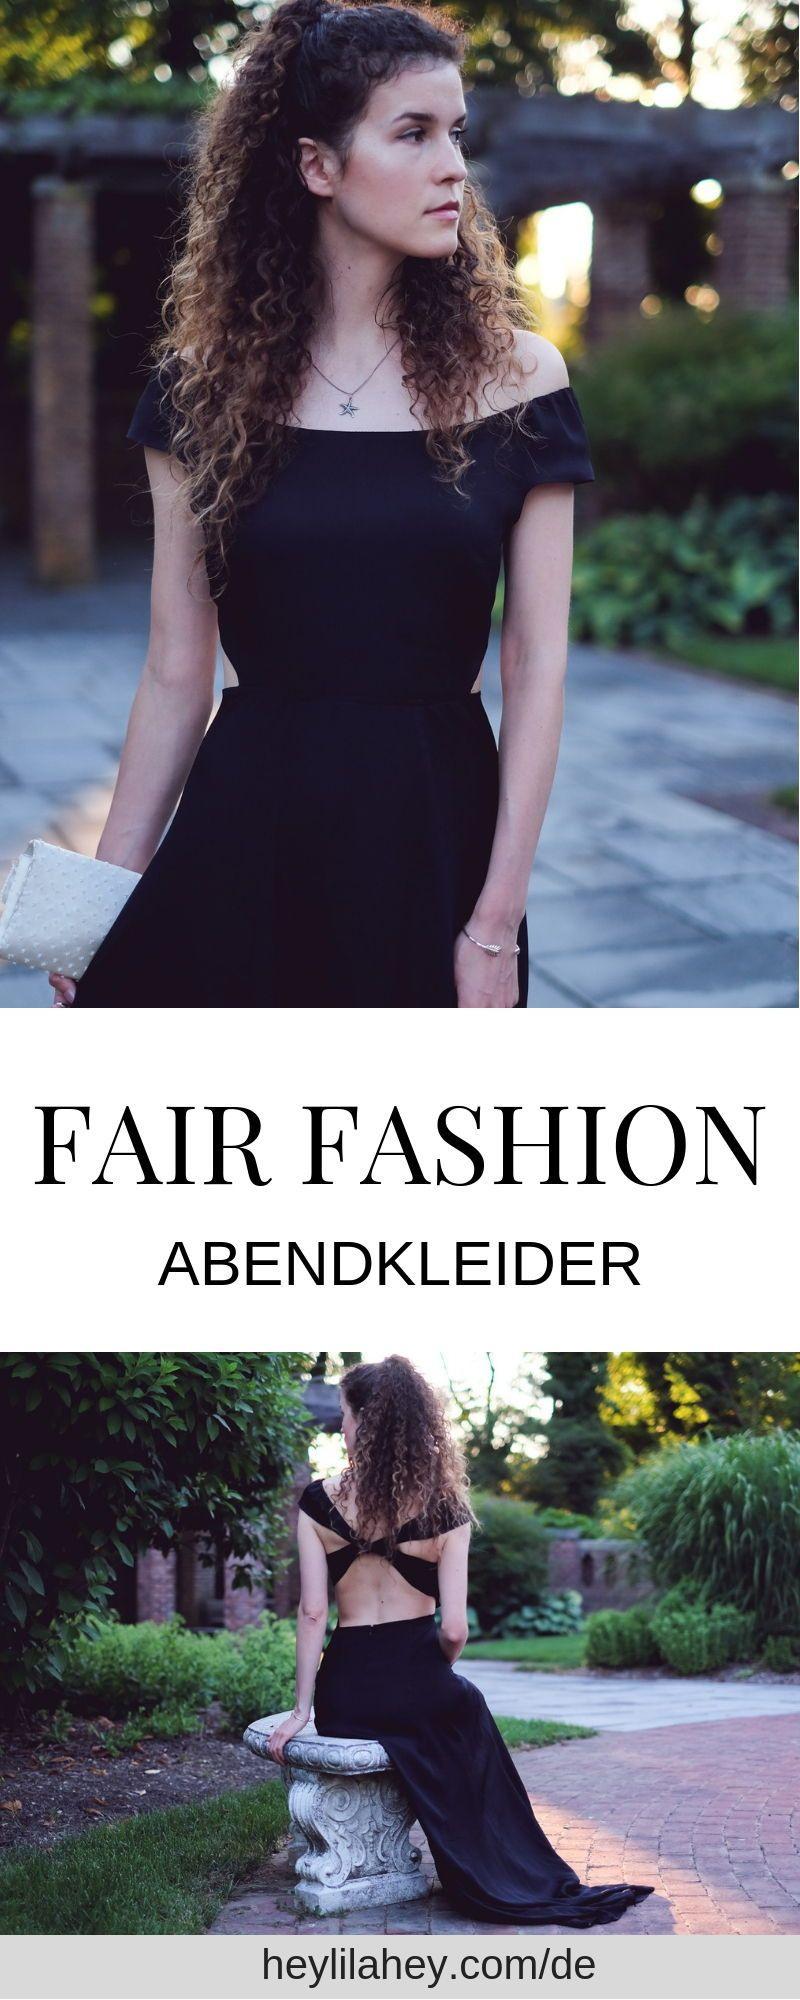 10 Ausgezeichnet Fair Fashion Abendkleid Vertrieb15 Schön Fair Fashion Abendkleid Design